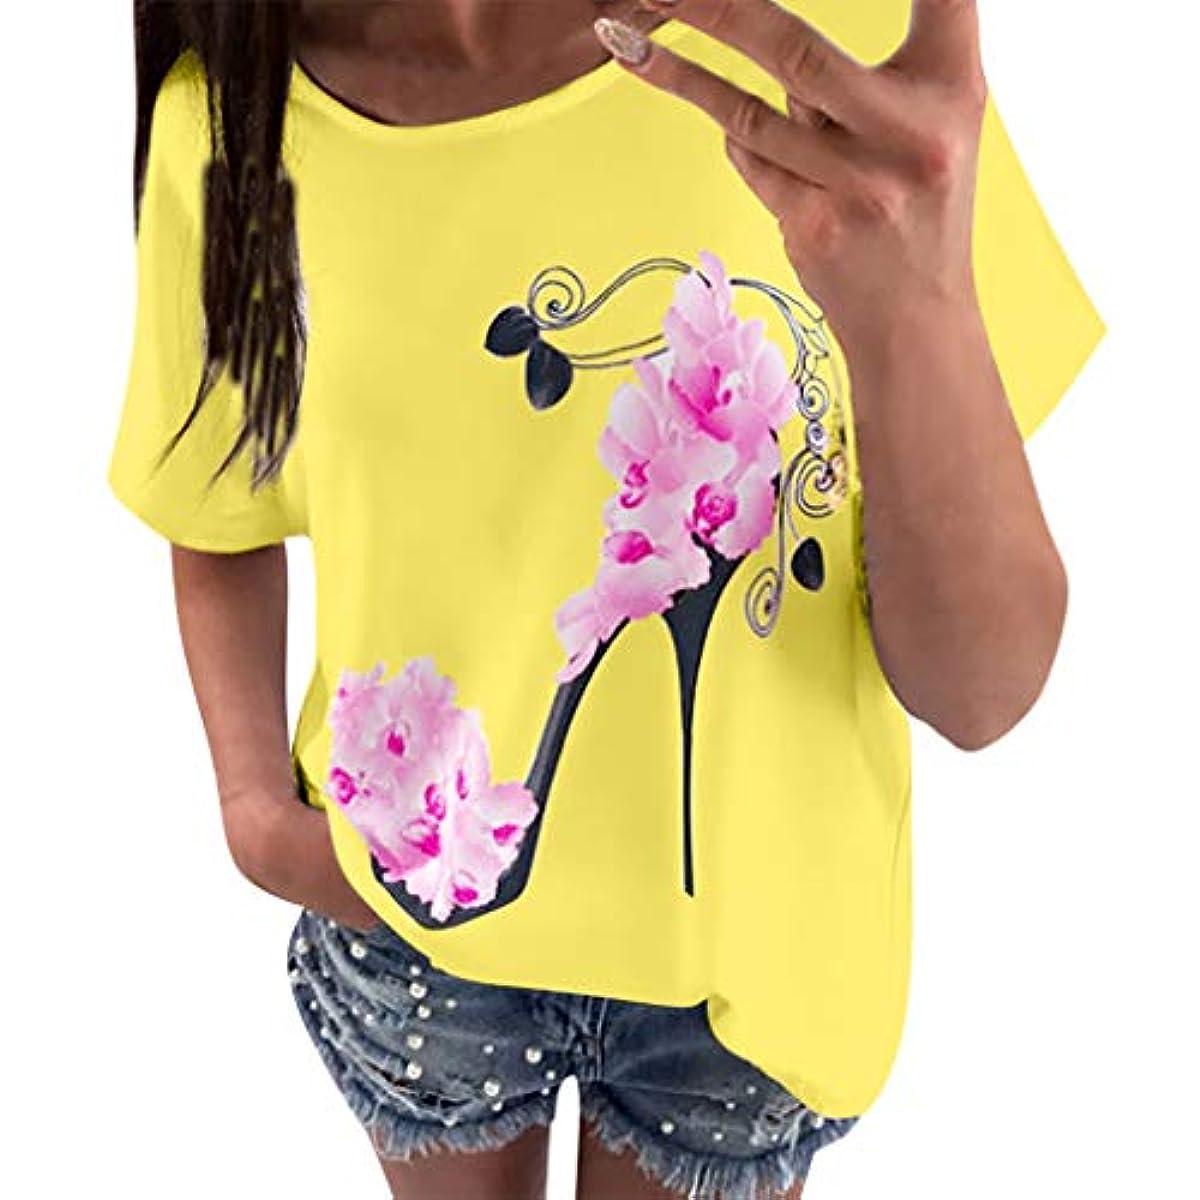 [해외] 격f―스 블라우스 여성 봄과 여름 캐주얼 반소매 꽃무늬 KOHORE 이어엽 커트 앤드 소운 겉옷 건단 T셔츠 넉넉하게 멋쟁이 큰 사이즈 탑 U구 캐미숄 탱크 탑 체형 커버 셔츠 패션 평상복 받아여행 데이트